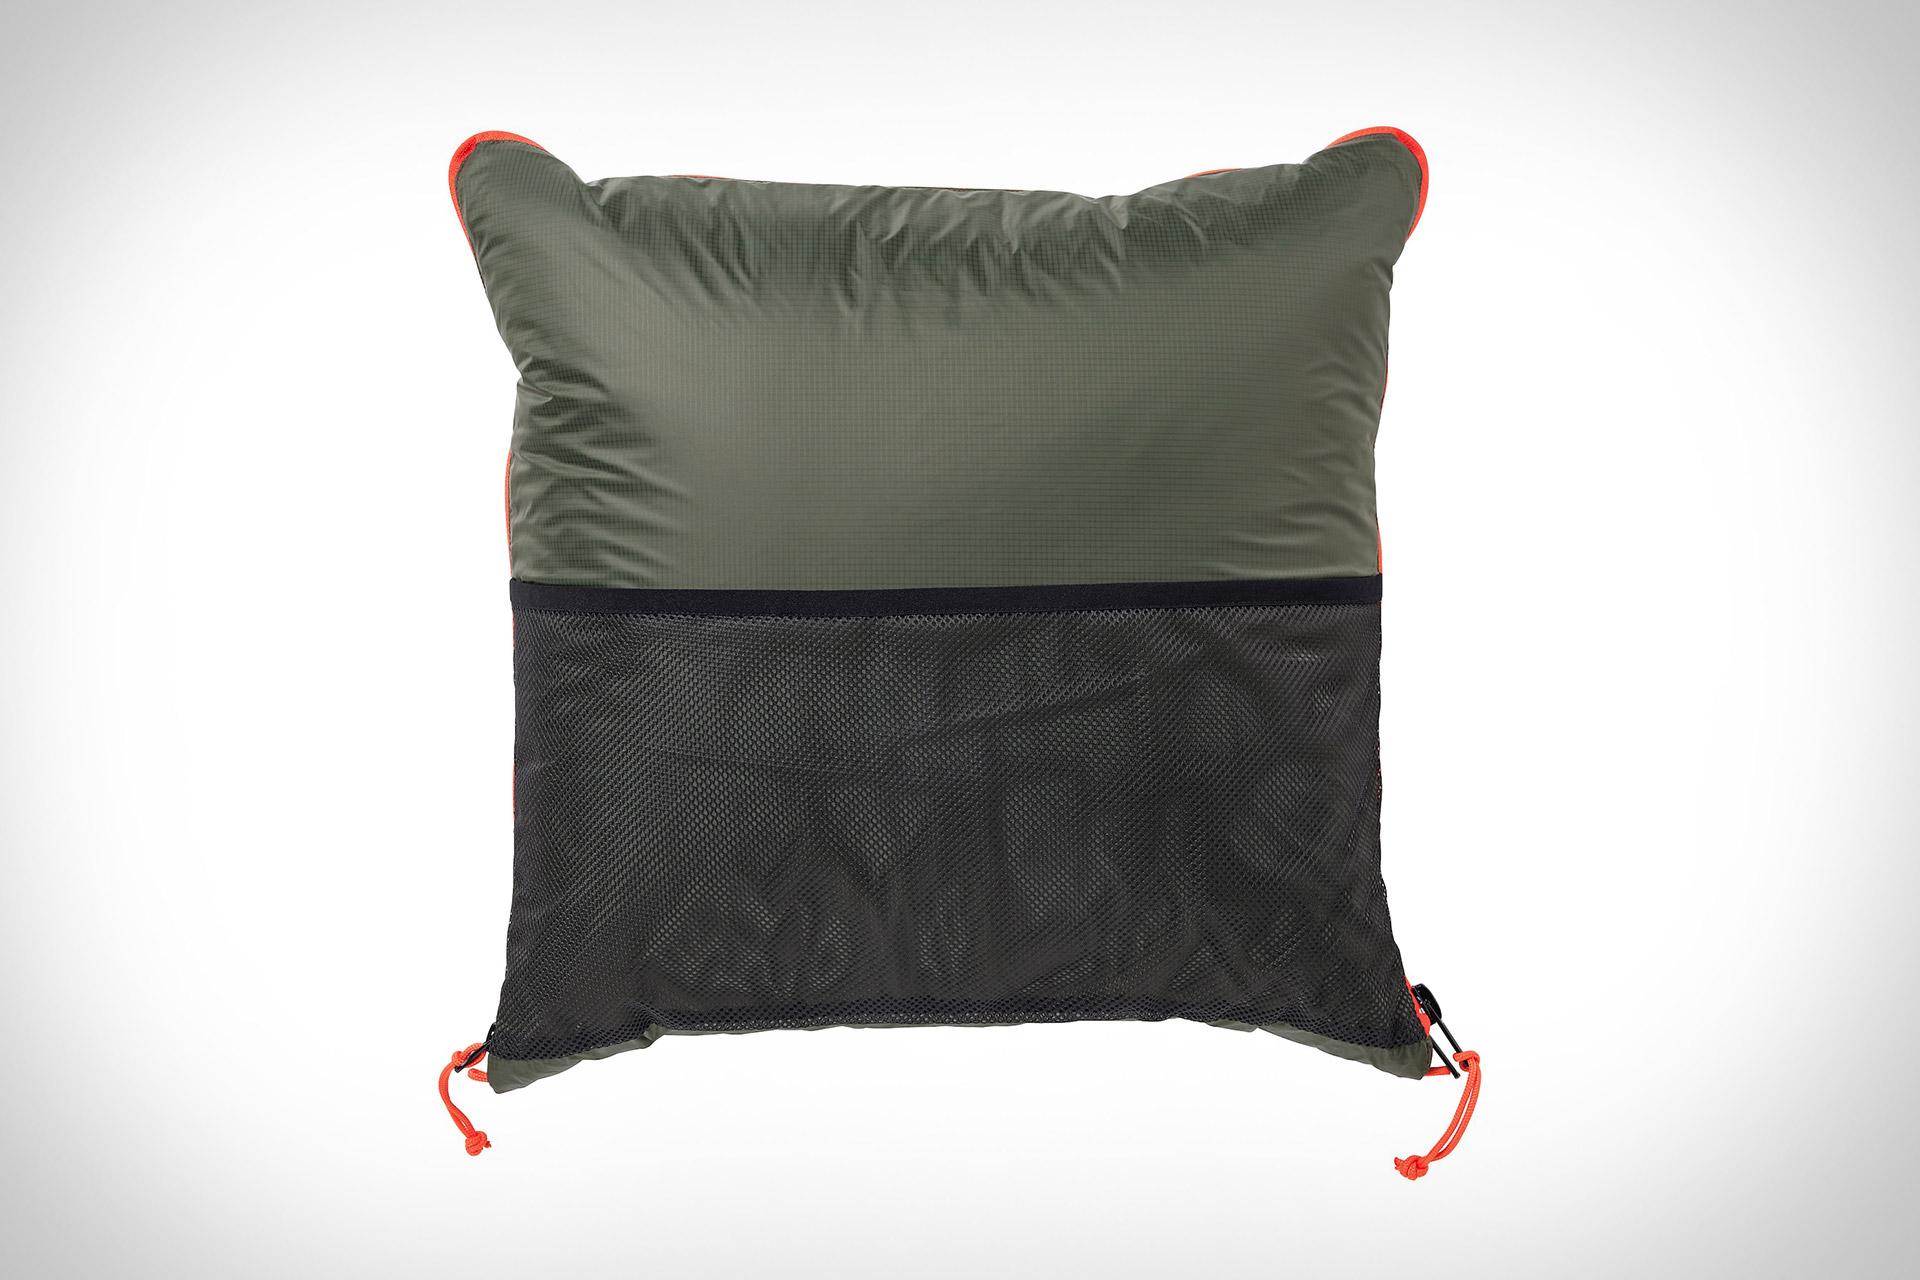 ikea faltmal wearable pillow quilt